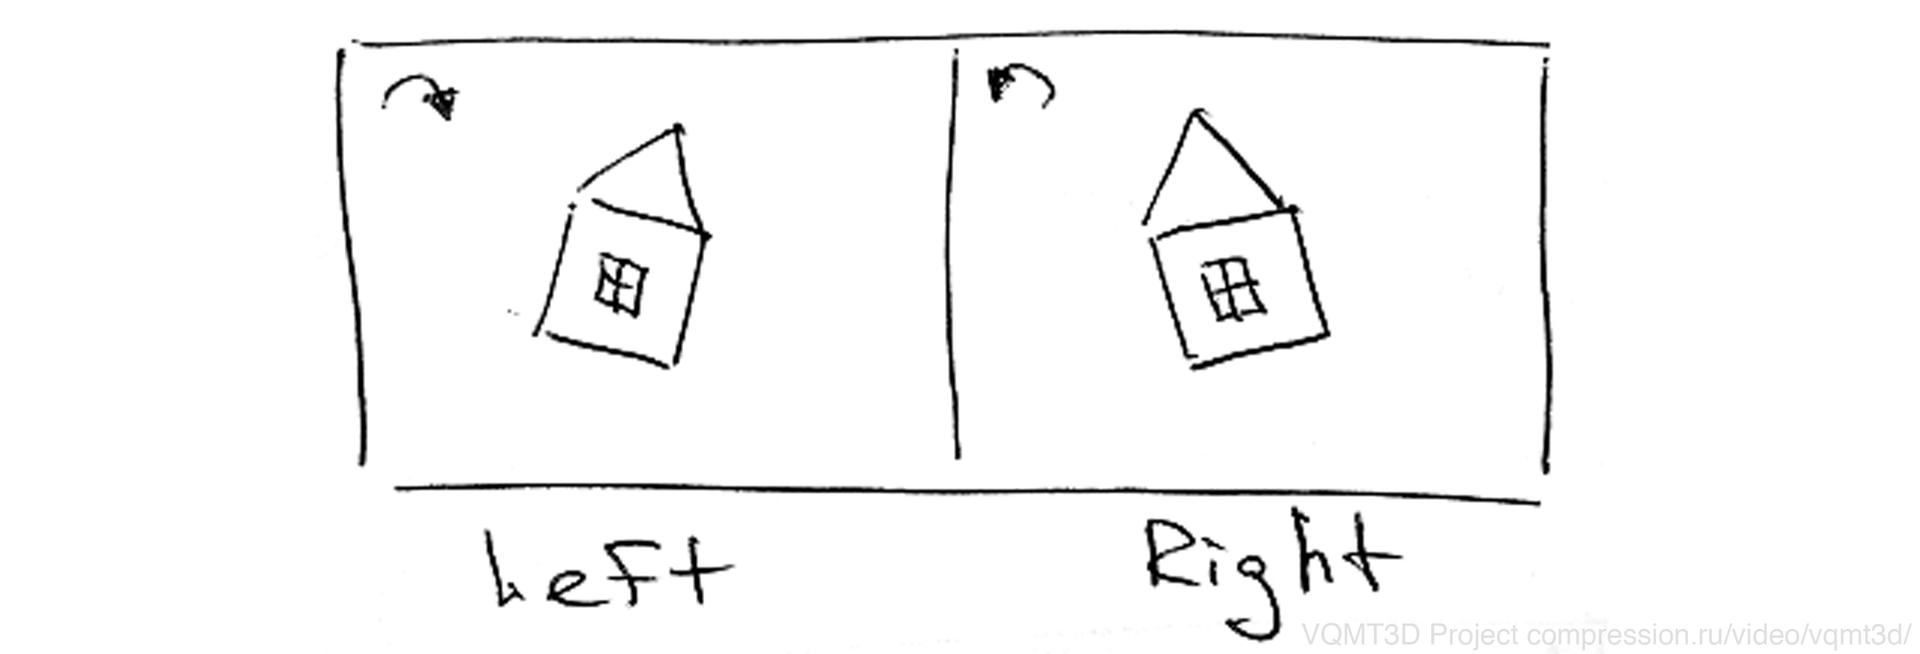 Почему от 3D болит голова - Часть 5: Геометрические искажения в стерео - 17